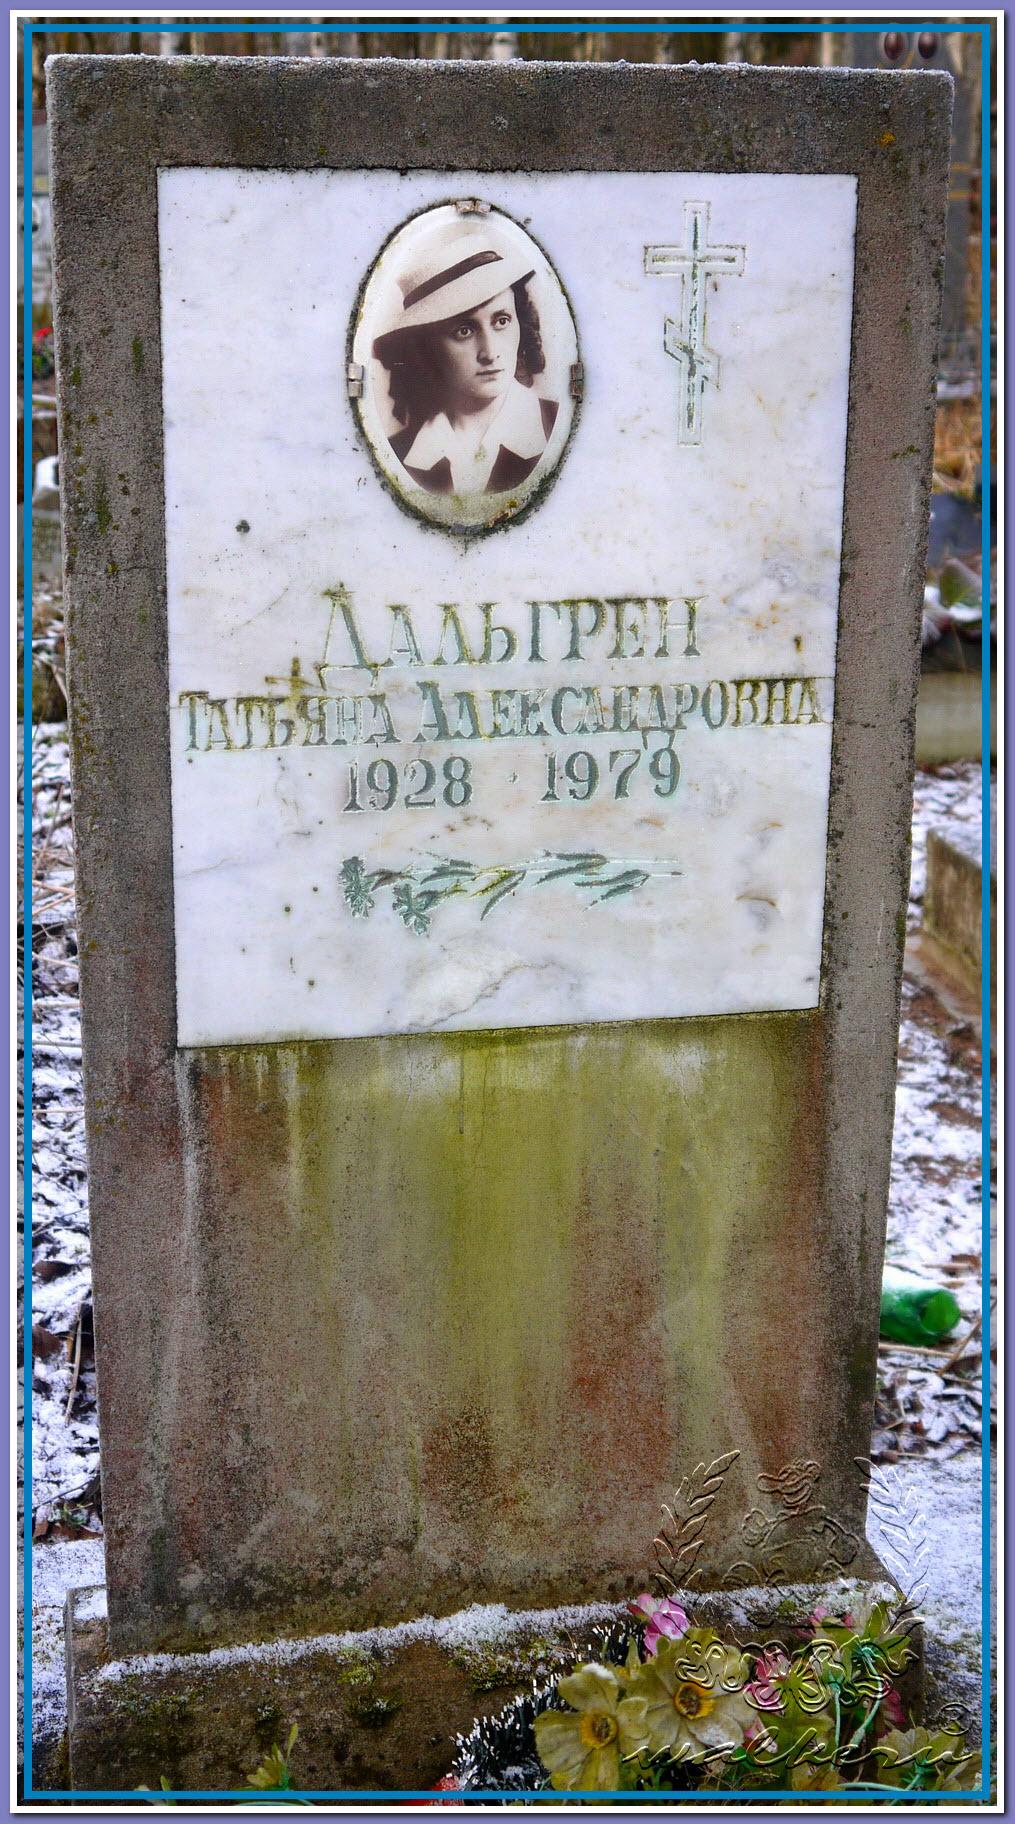 Дальгрен Татьяна Александровна